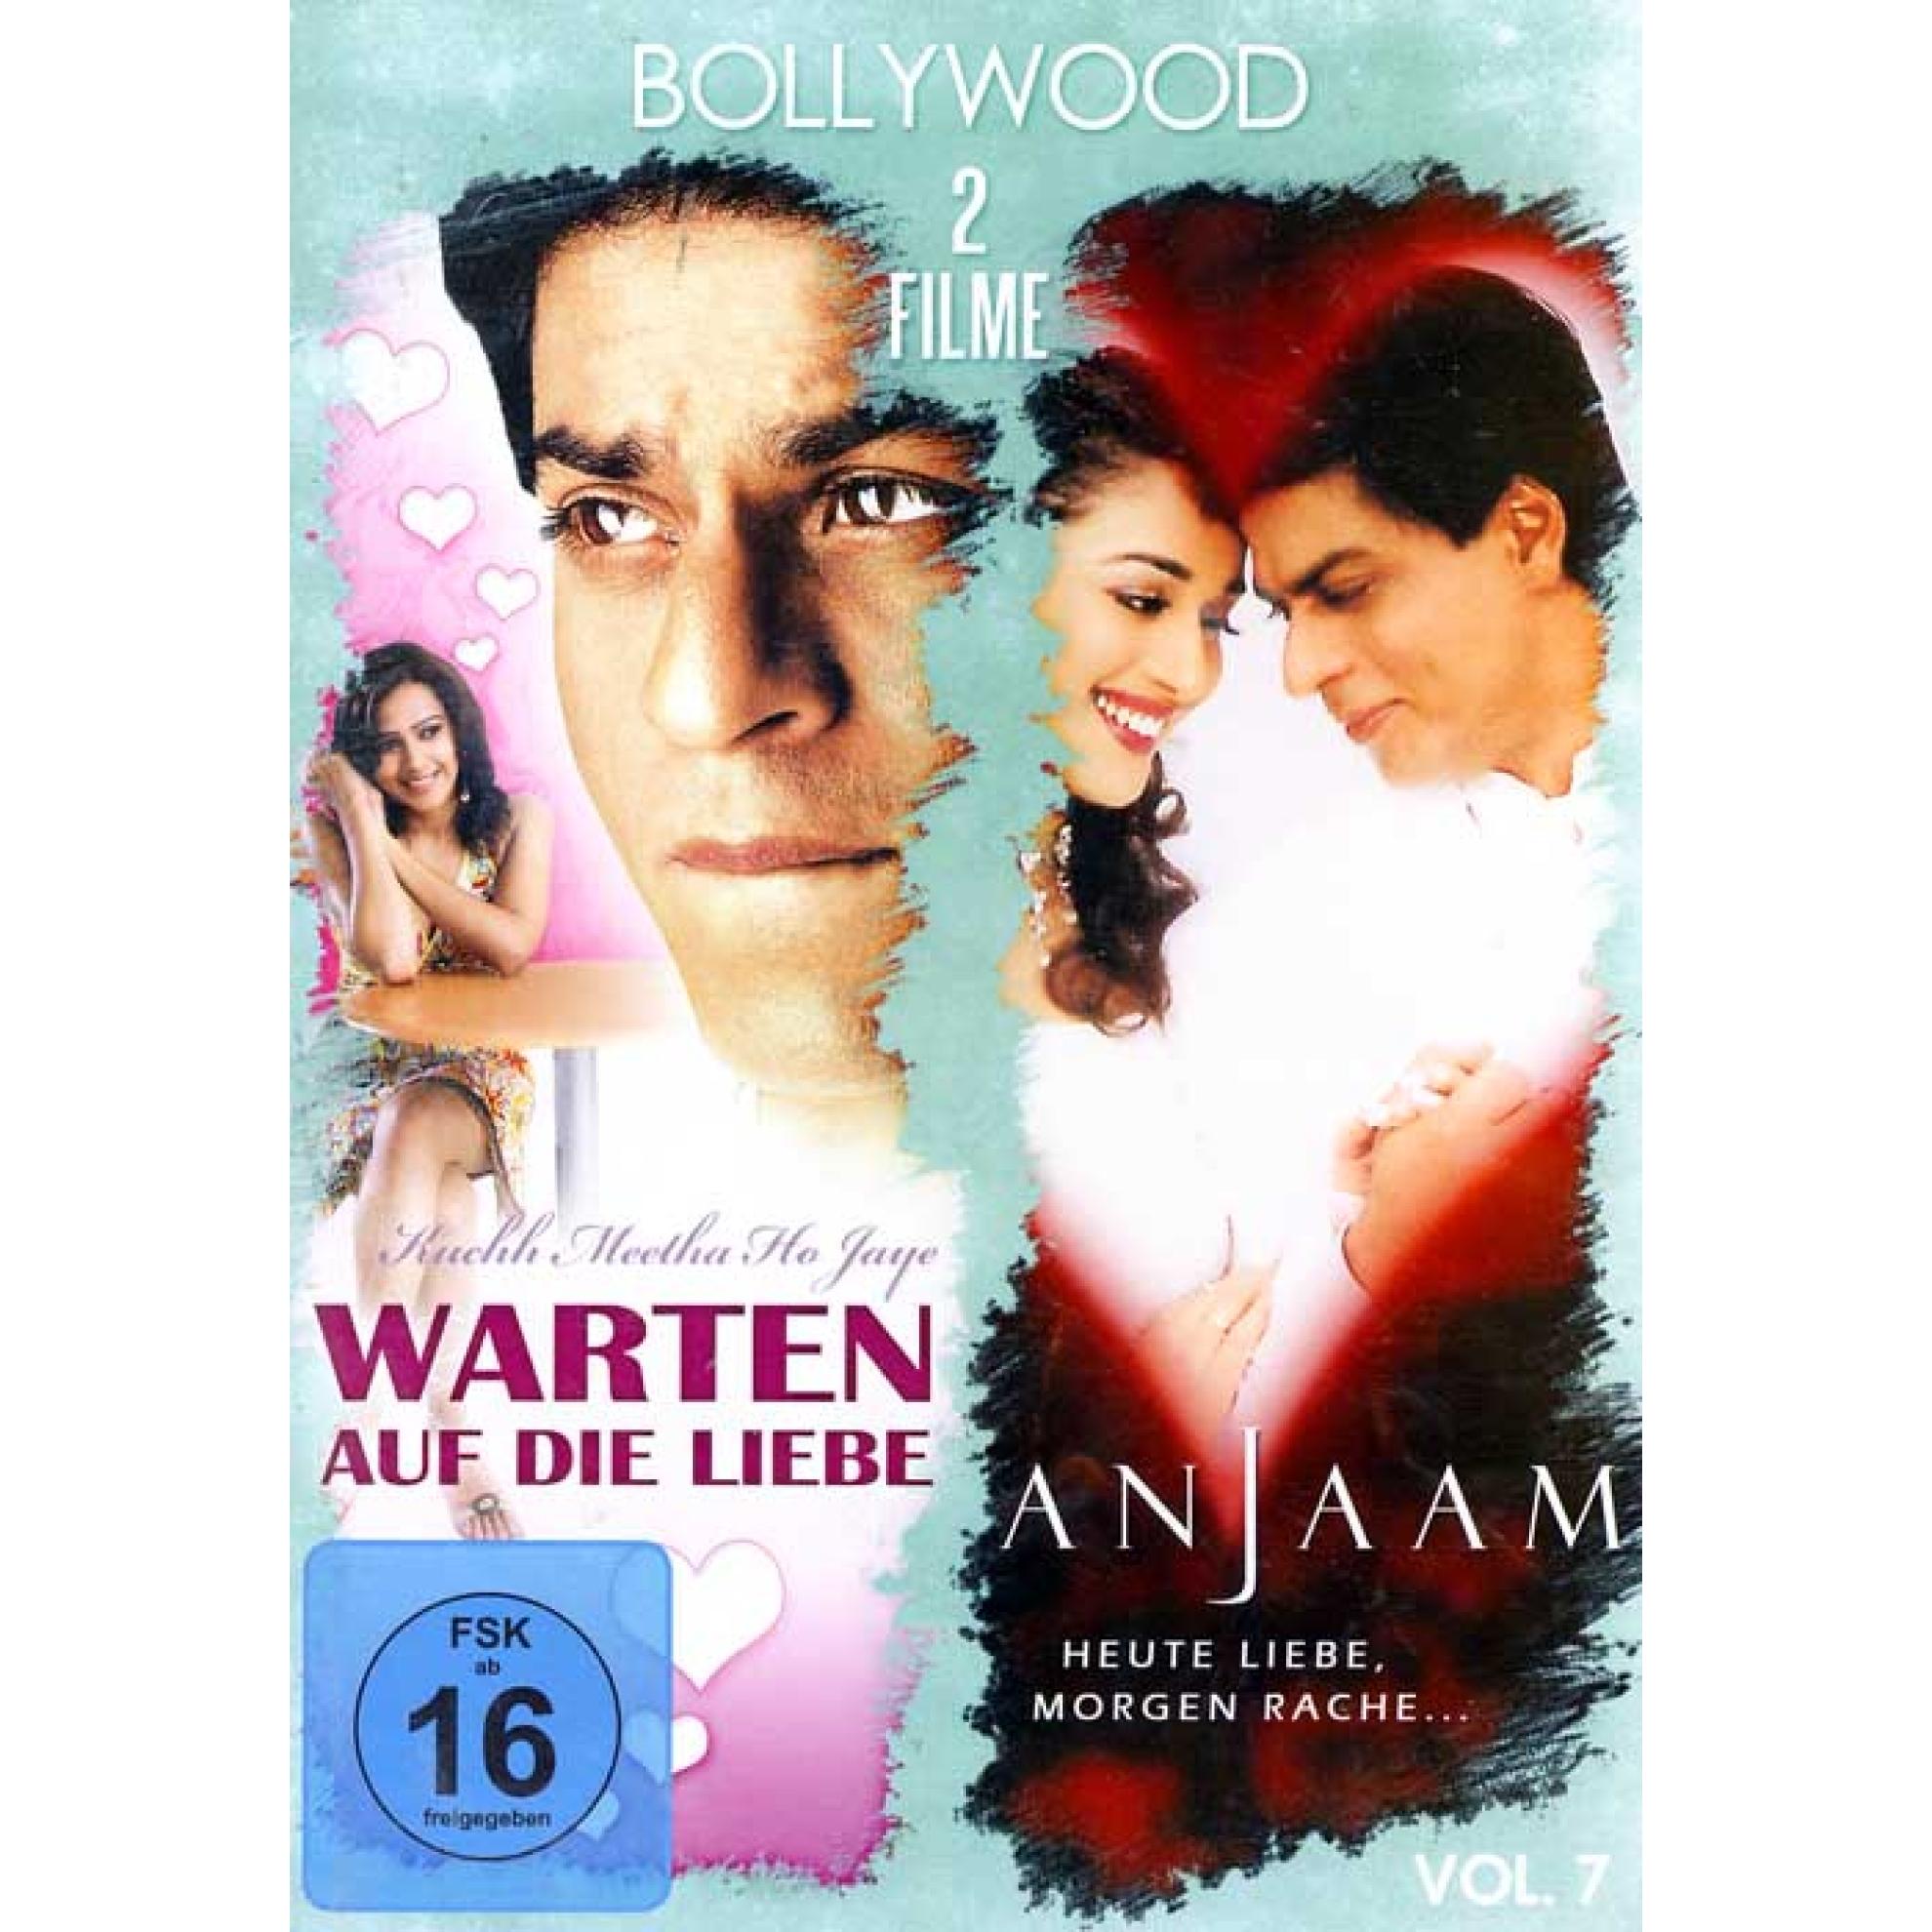 bollywood filme auf deutsch mit shahrukh khan